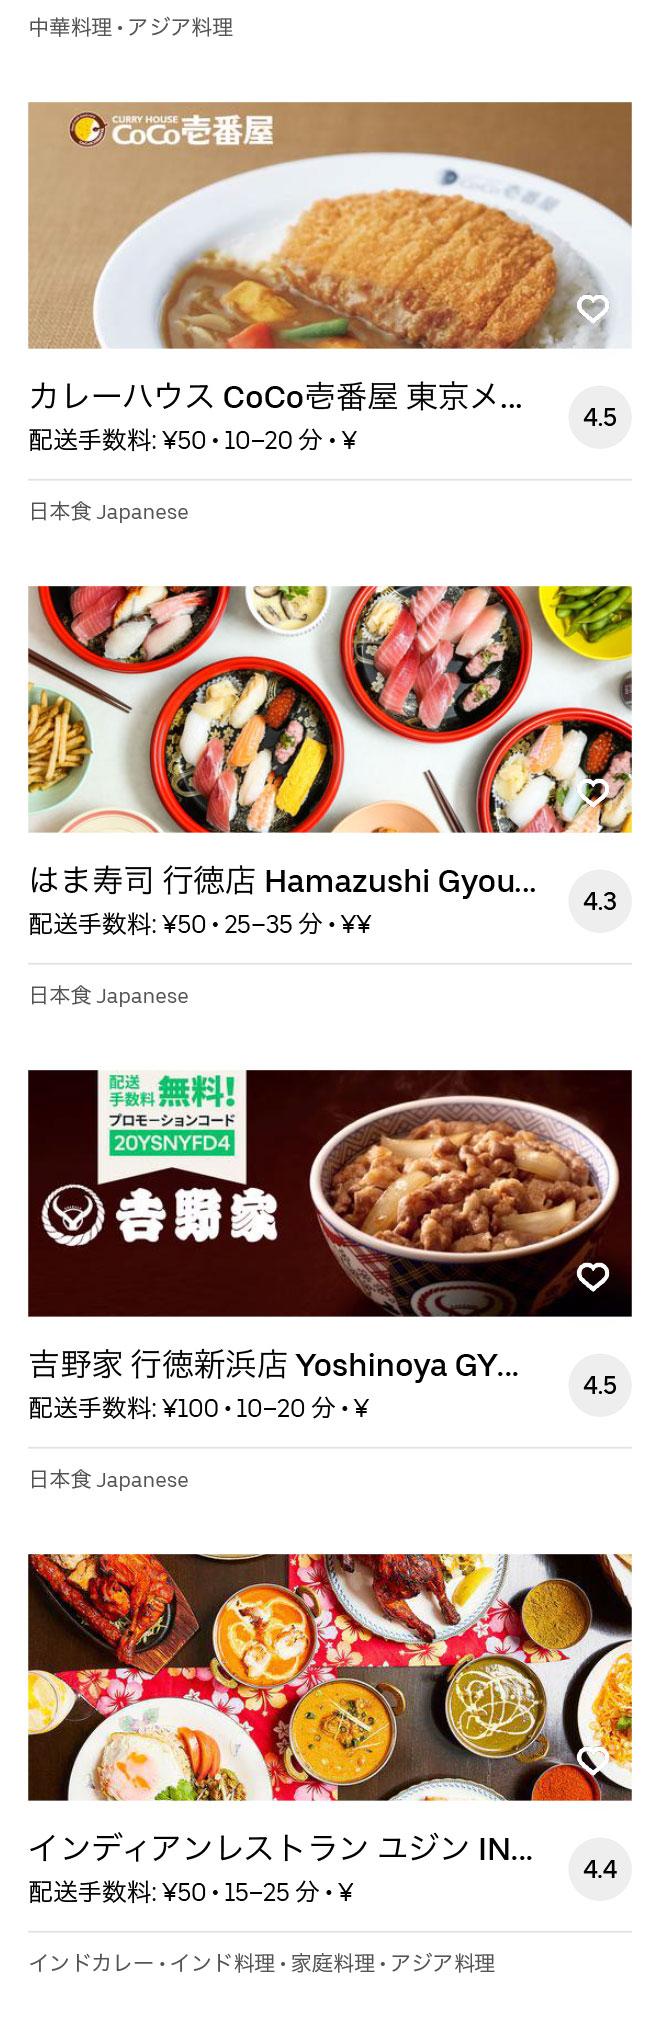 Ichikawa gyotoku menu 2004 03